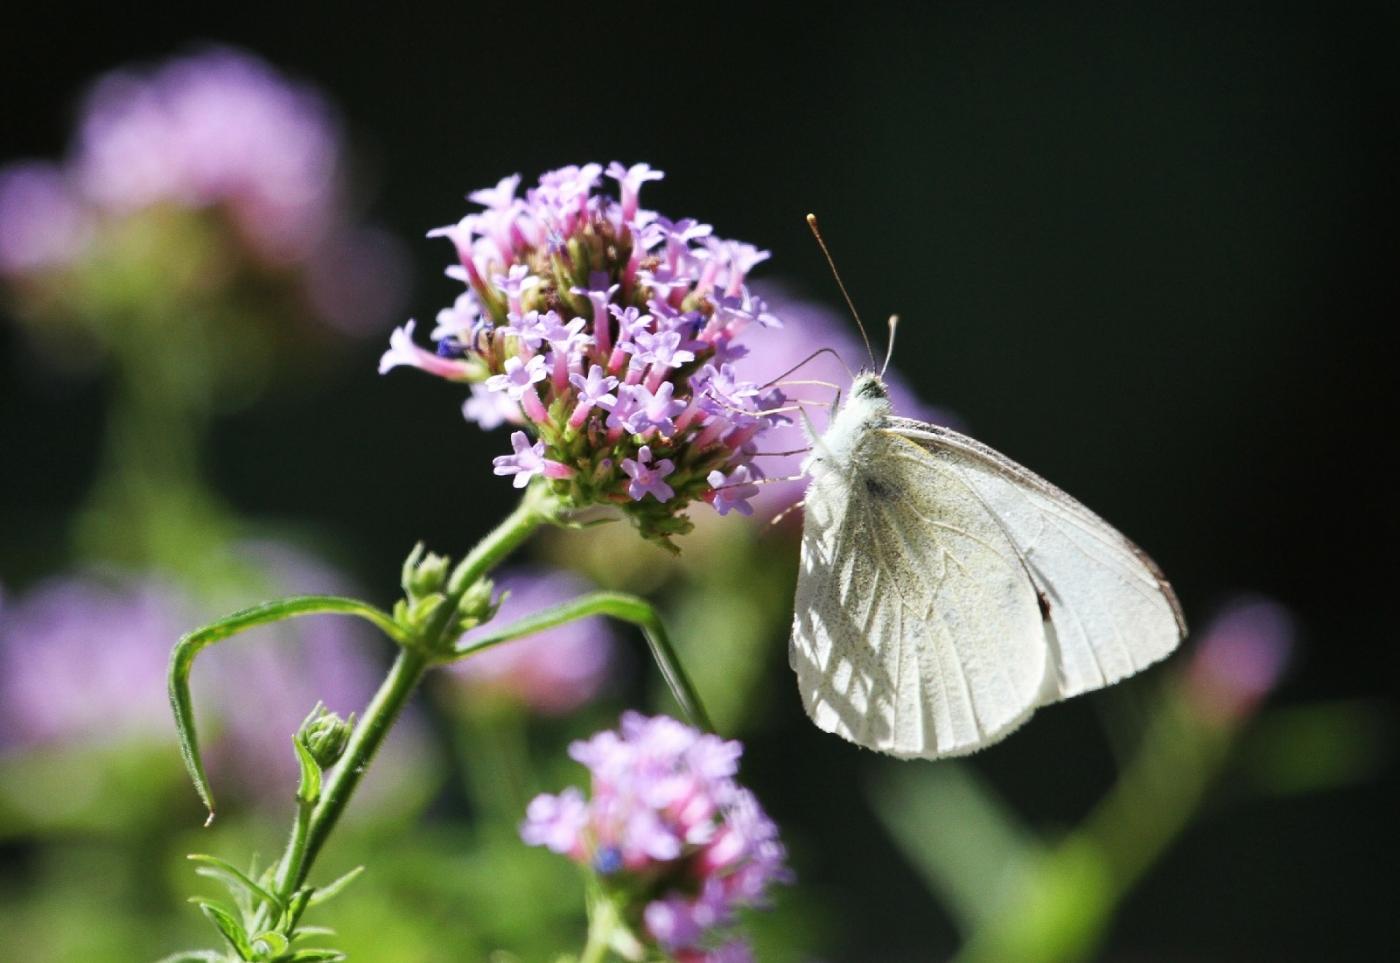 【田螺随拍】我种了马鞭草蝴蝶就来了_图1-9